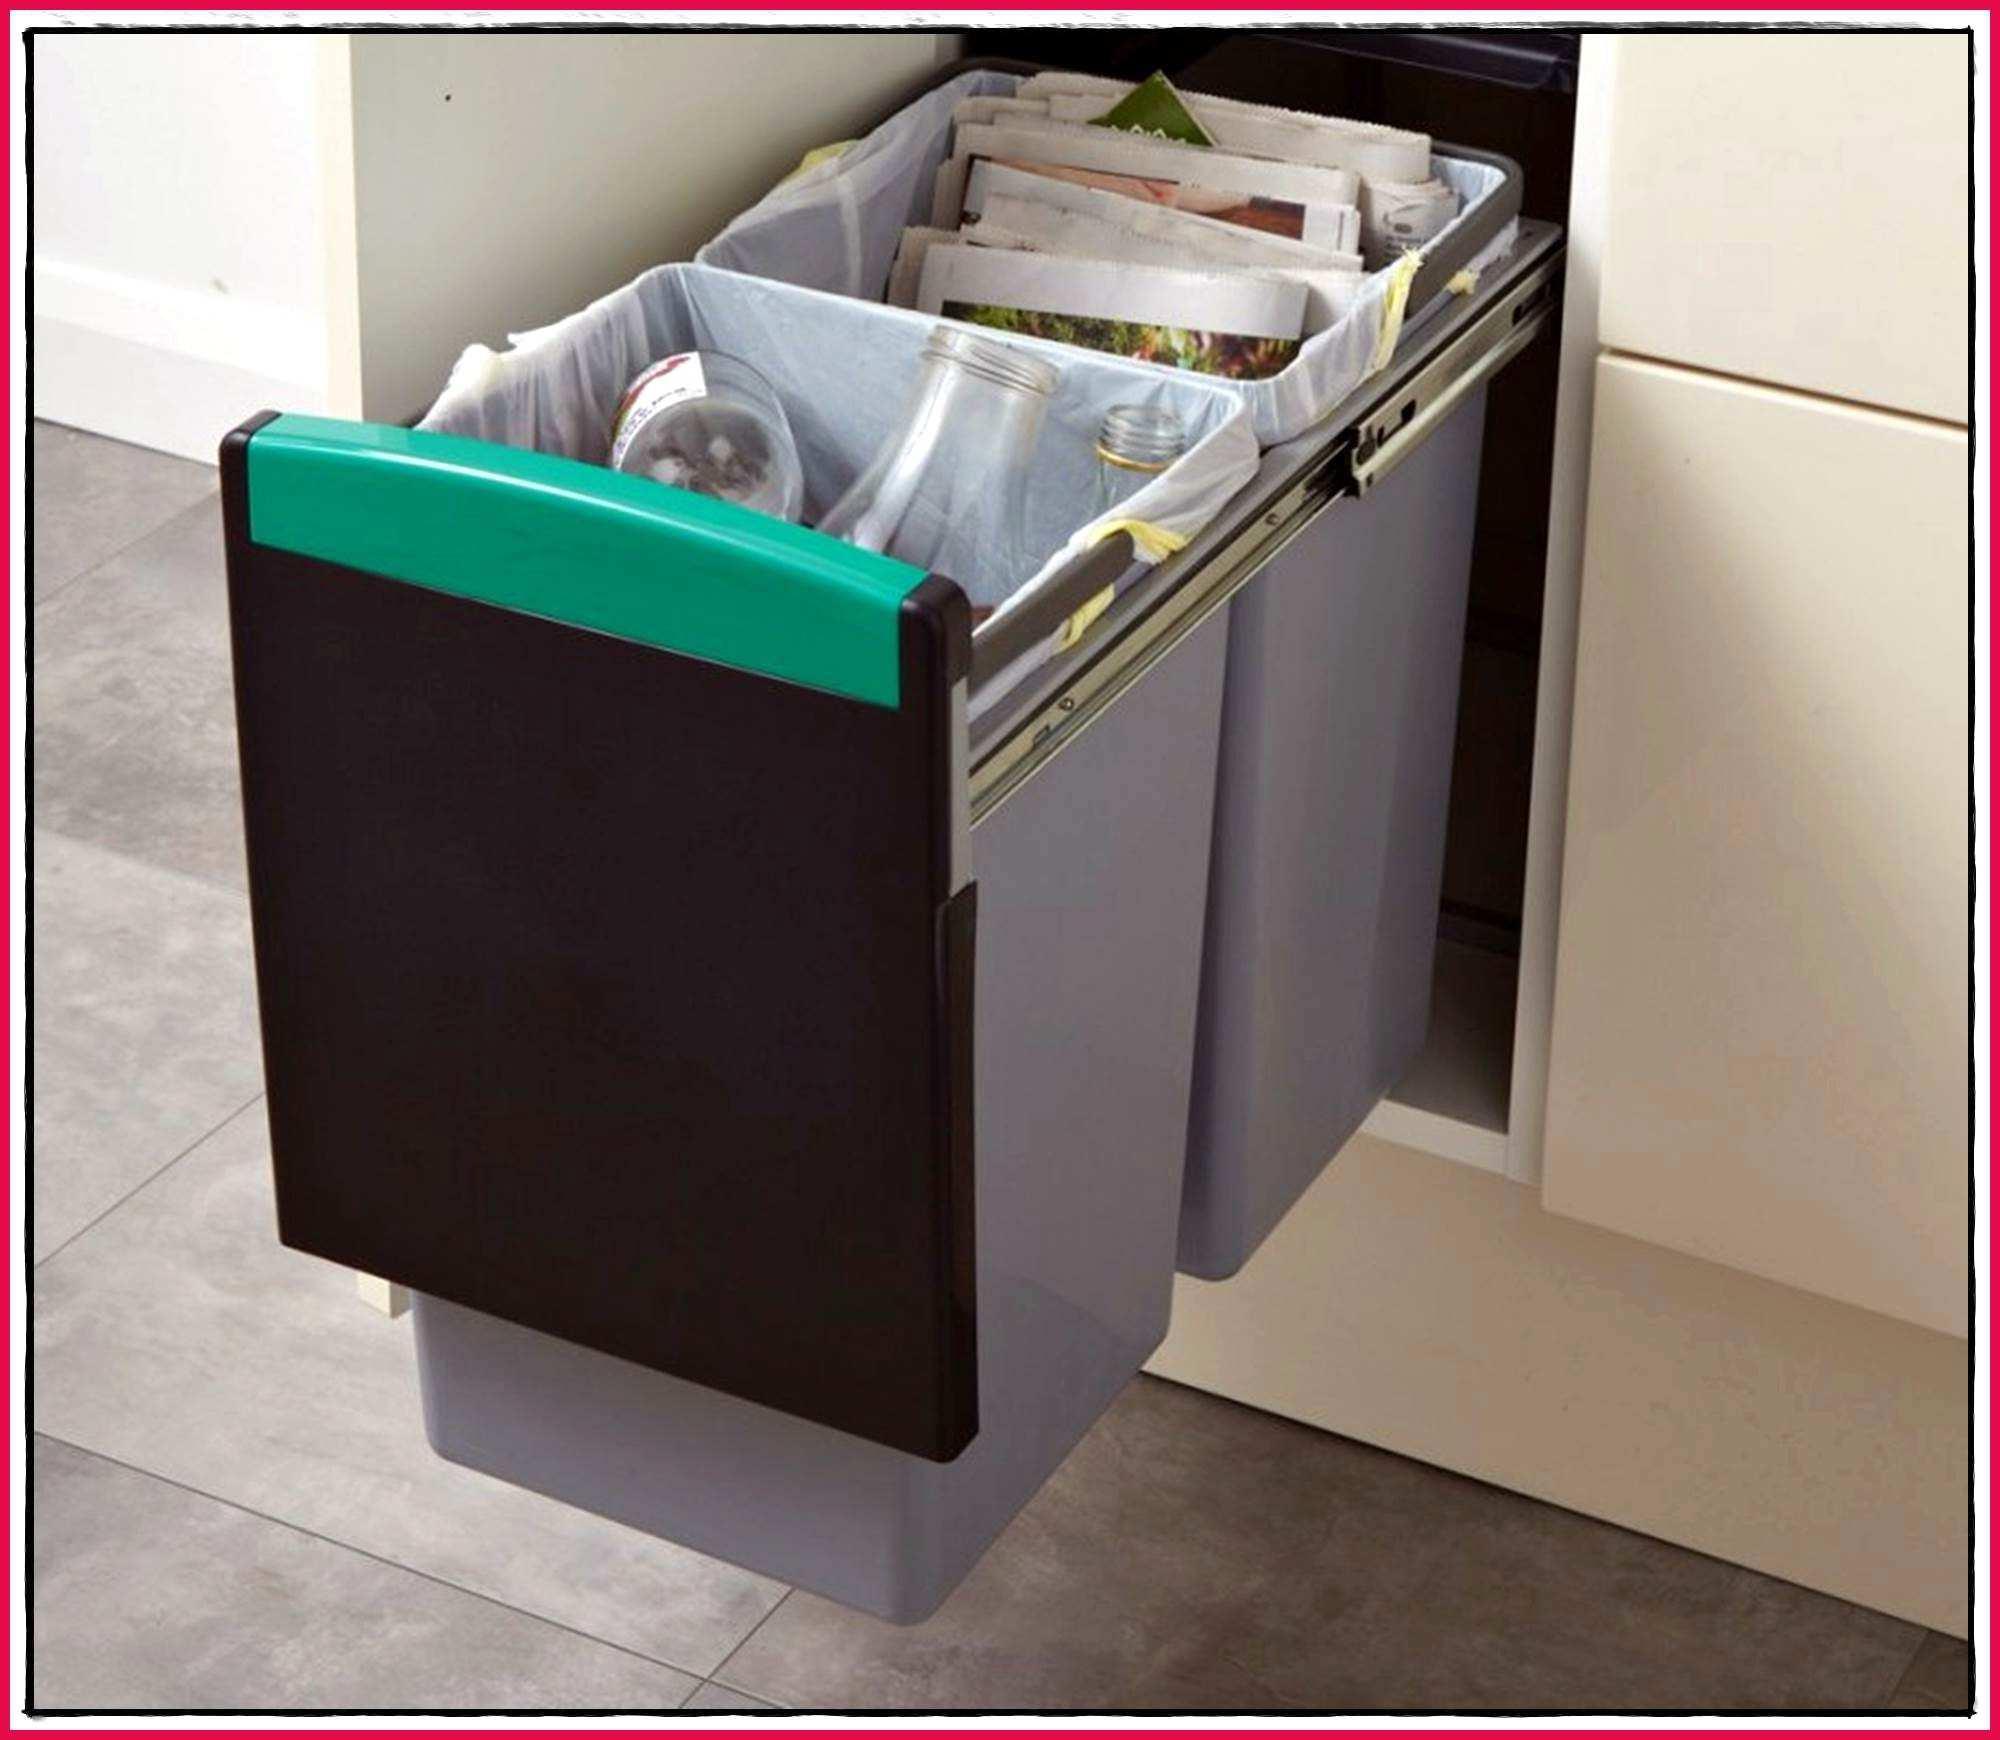 meuble evier poubelle ikea id es de travaux. Black Bedroom Furniture Sets. Home Design Ideas